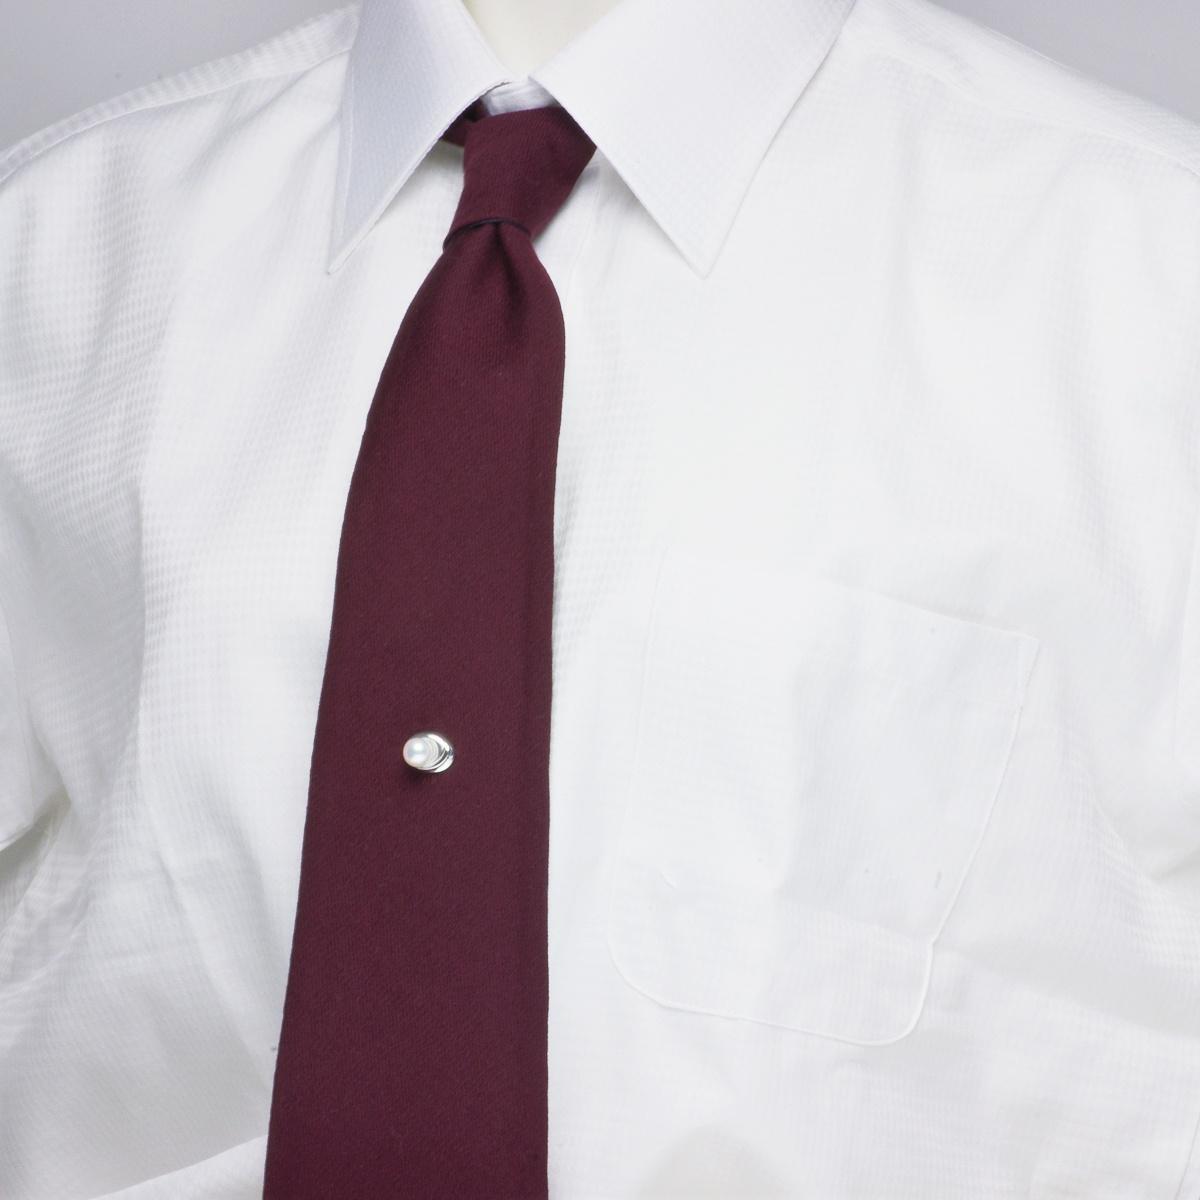 高級 淡水真珠 7.5mm パール タイタック 父の日プレゼント ギフト 贈り物の写真